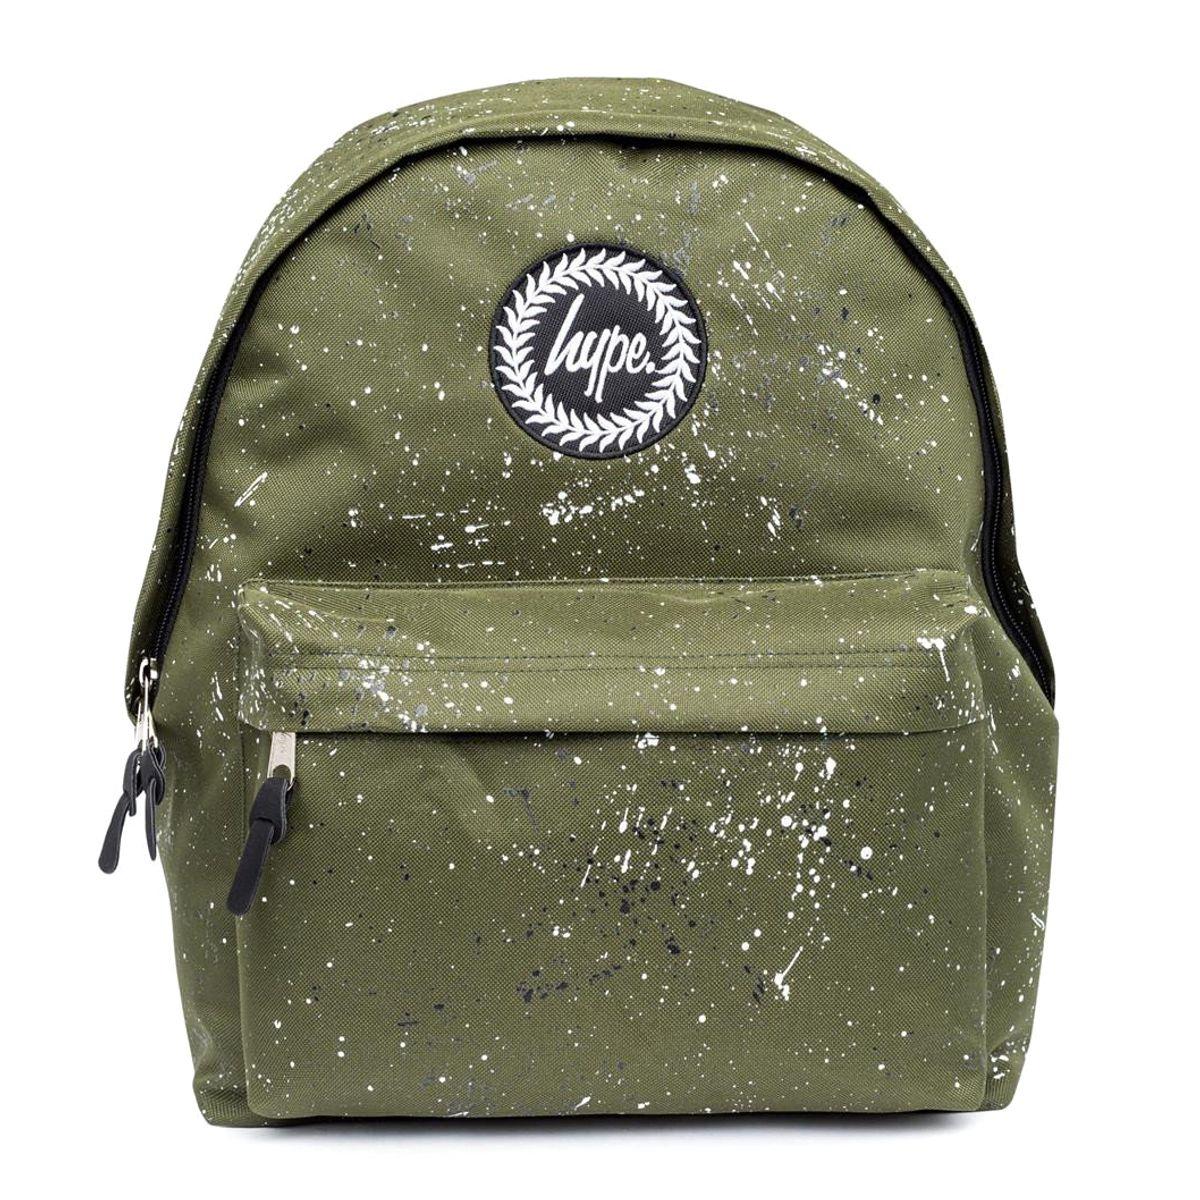 Mochila hype_backpacks_-_hype_compass_school_backpack_-_khaki-